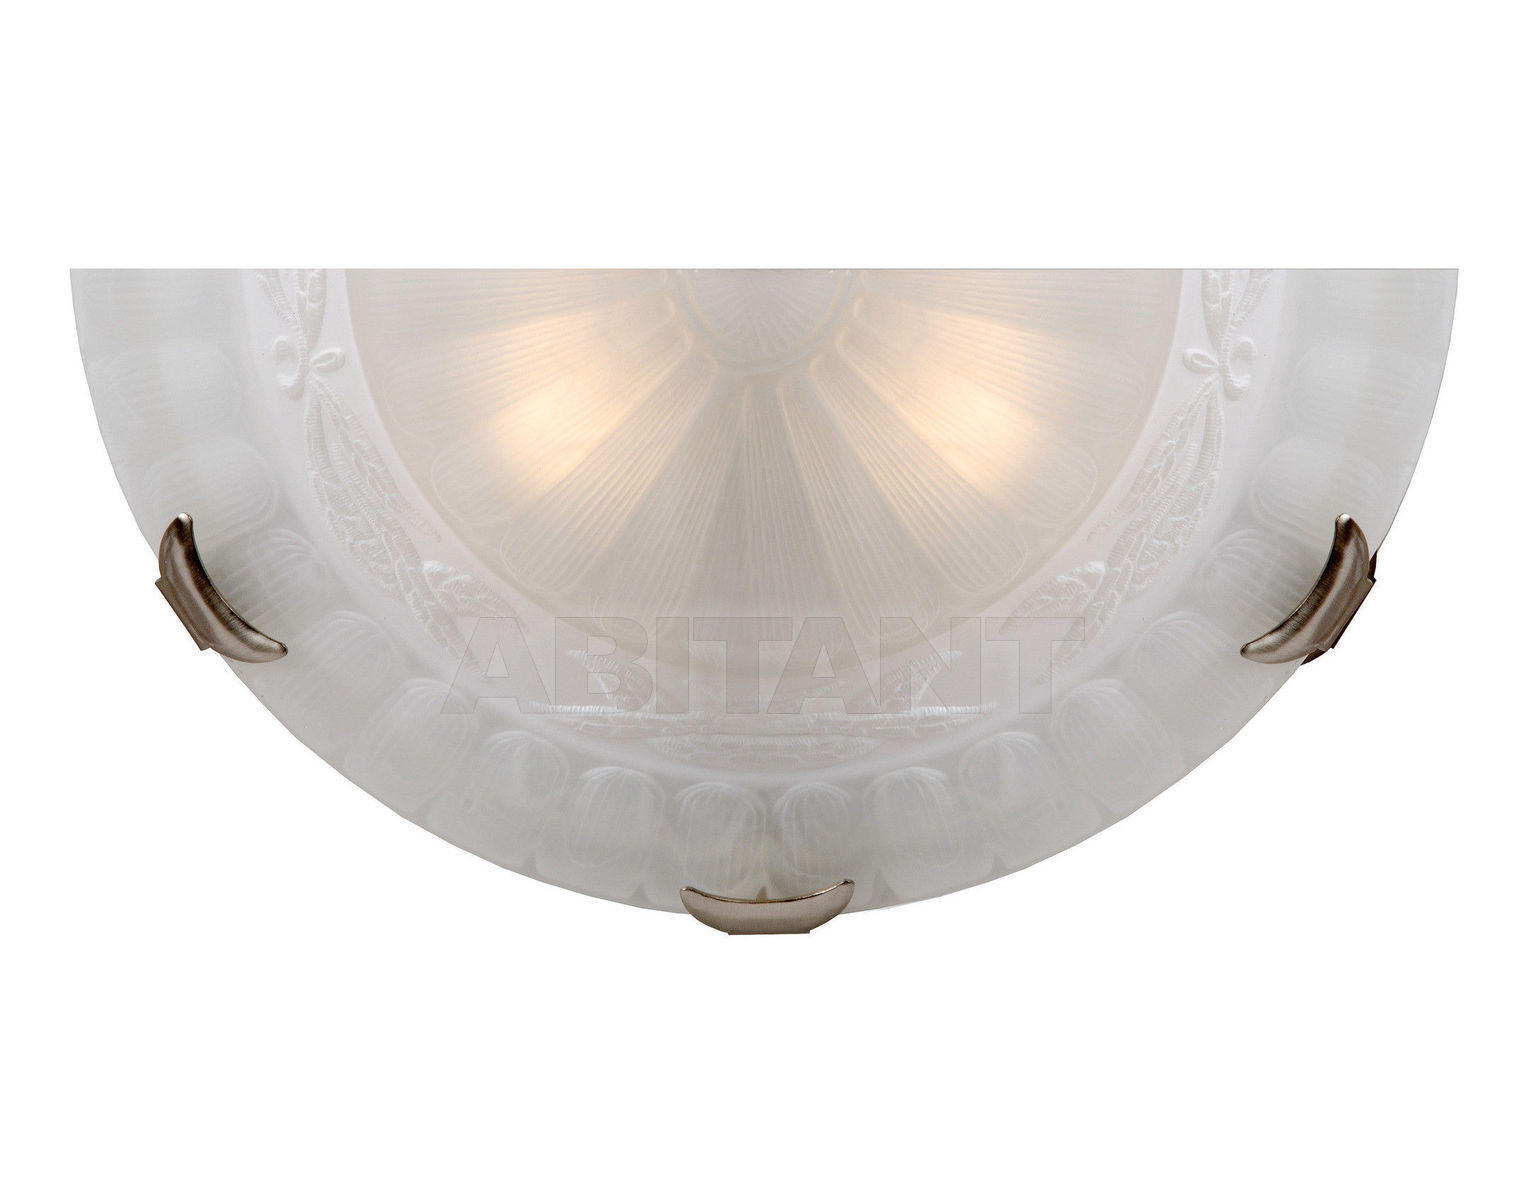 Купить Светильник CAPRI Lucide  Ceiling & Wall Lights 07216/01/67